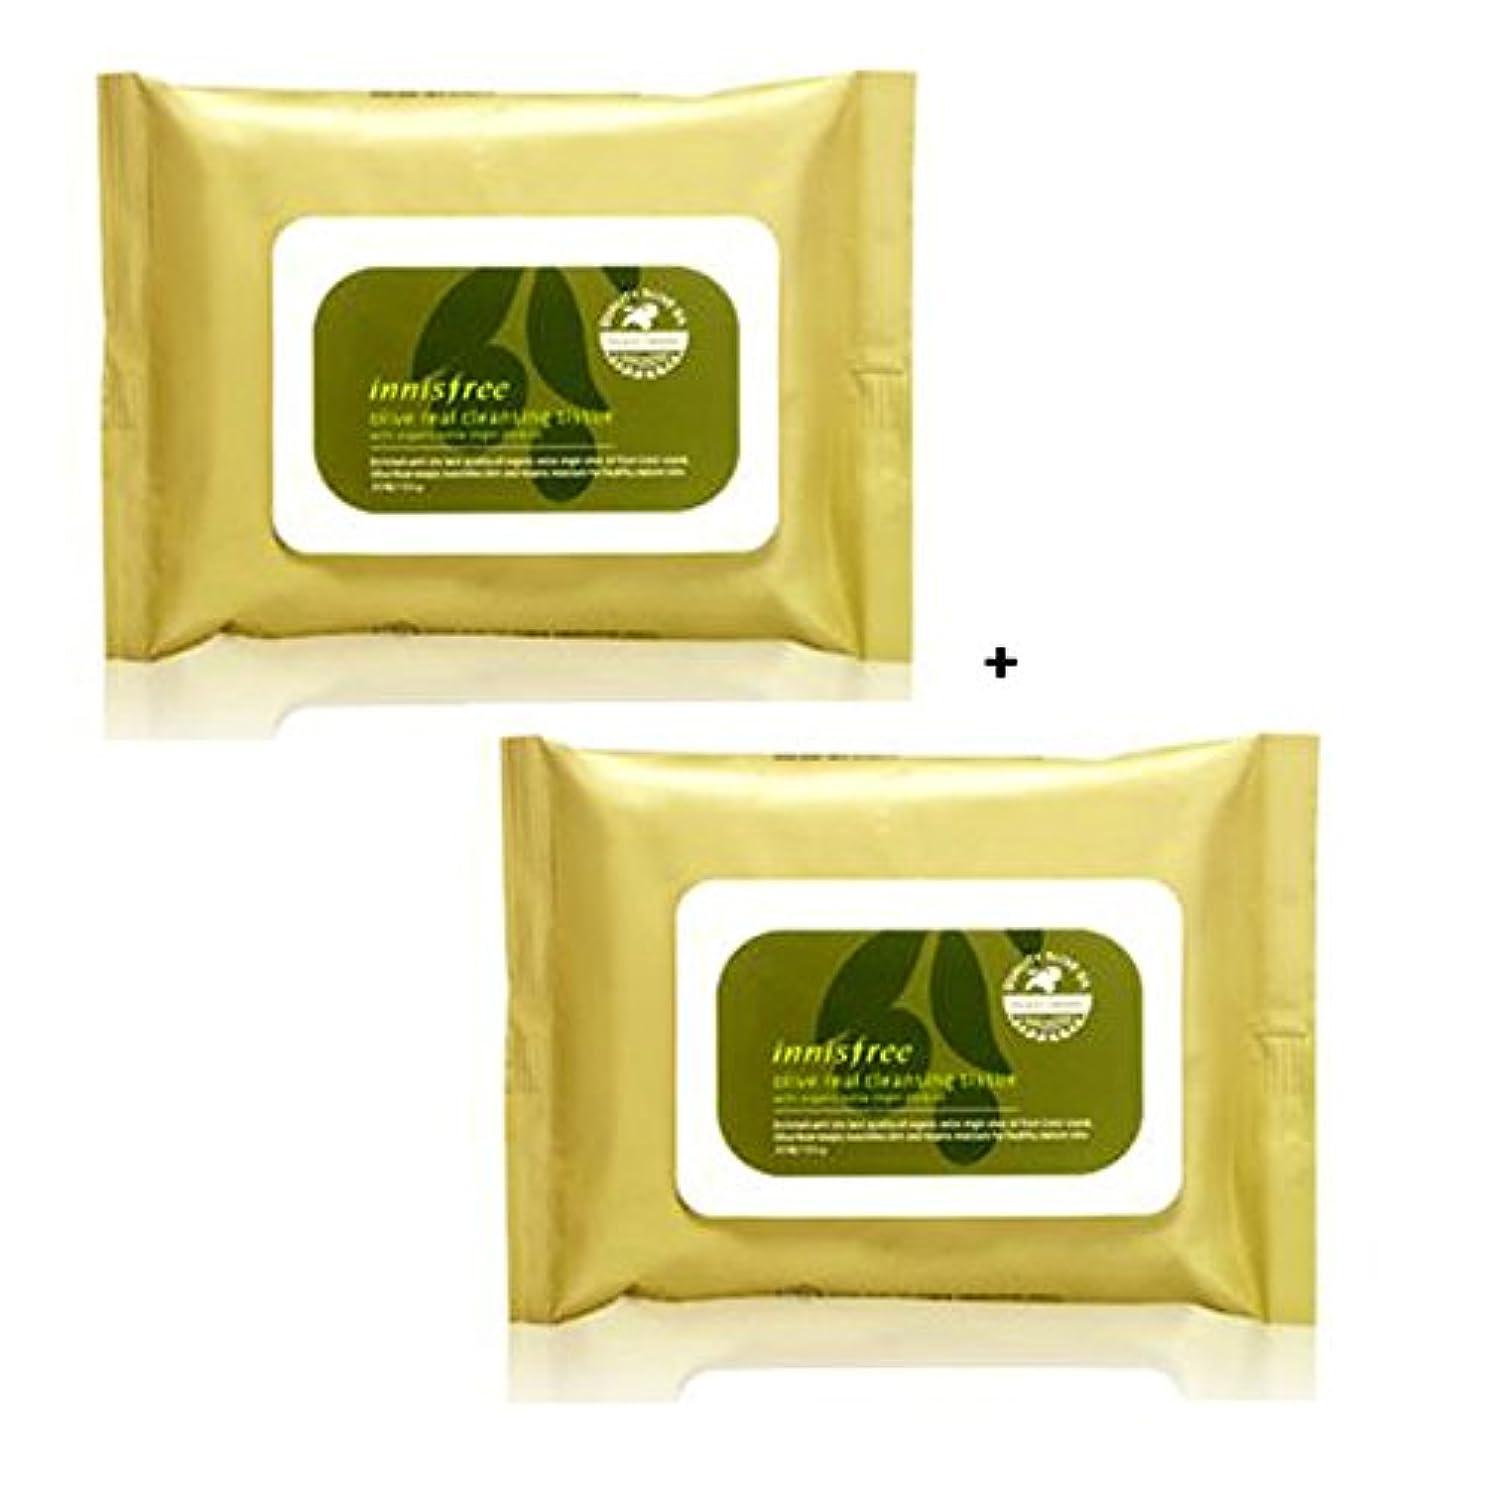 バリケード必要としている検索エンジンマーケティングイニスフリー Innisfree オリーブリアル クレンジングティッシュ (30枚x2) Innisfree Olive Real Cleansing Tissue (30sheetsx2Pcs) [海外直送品]